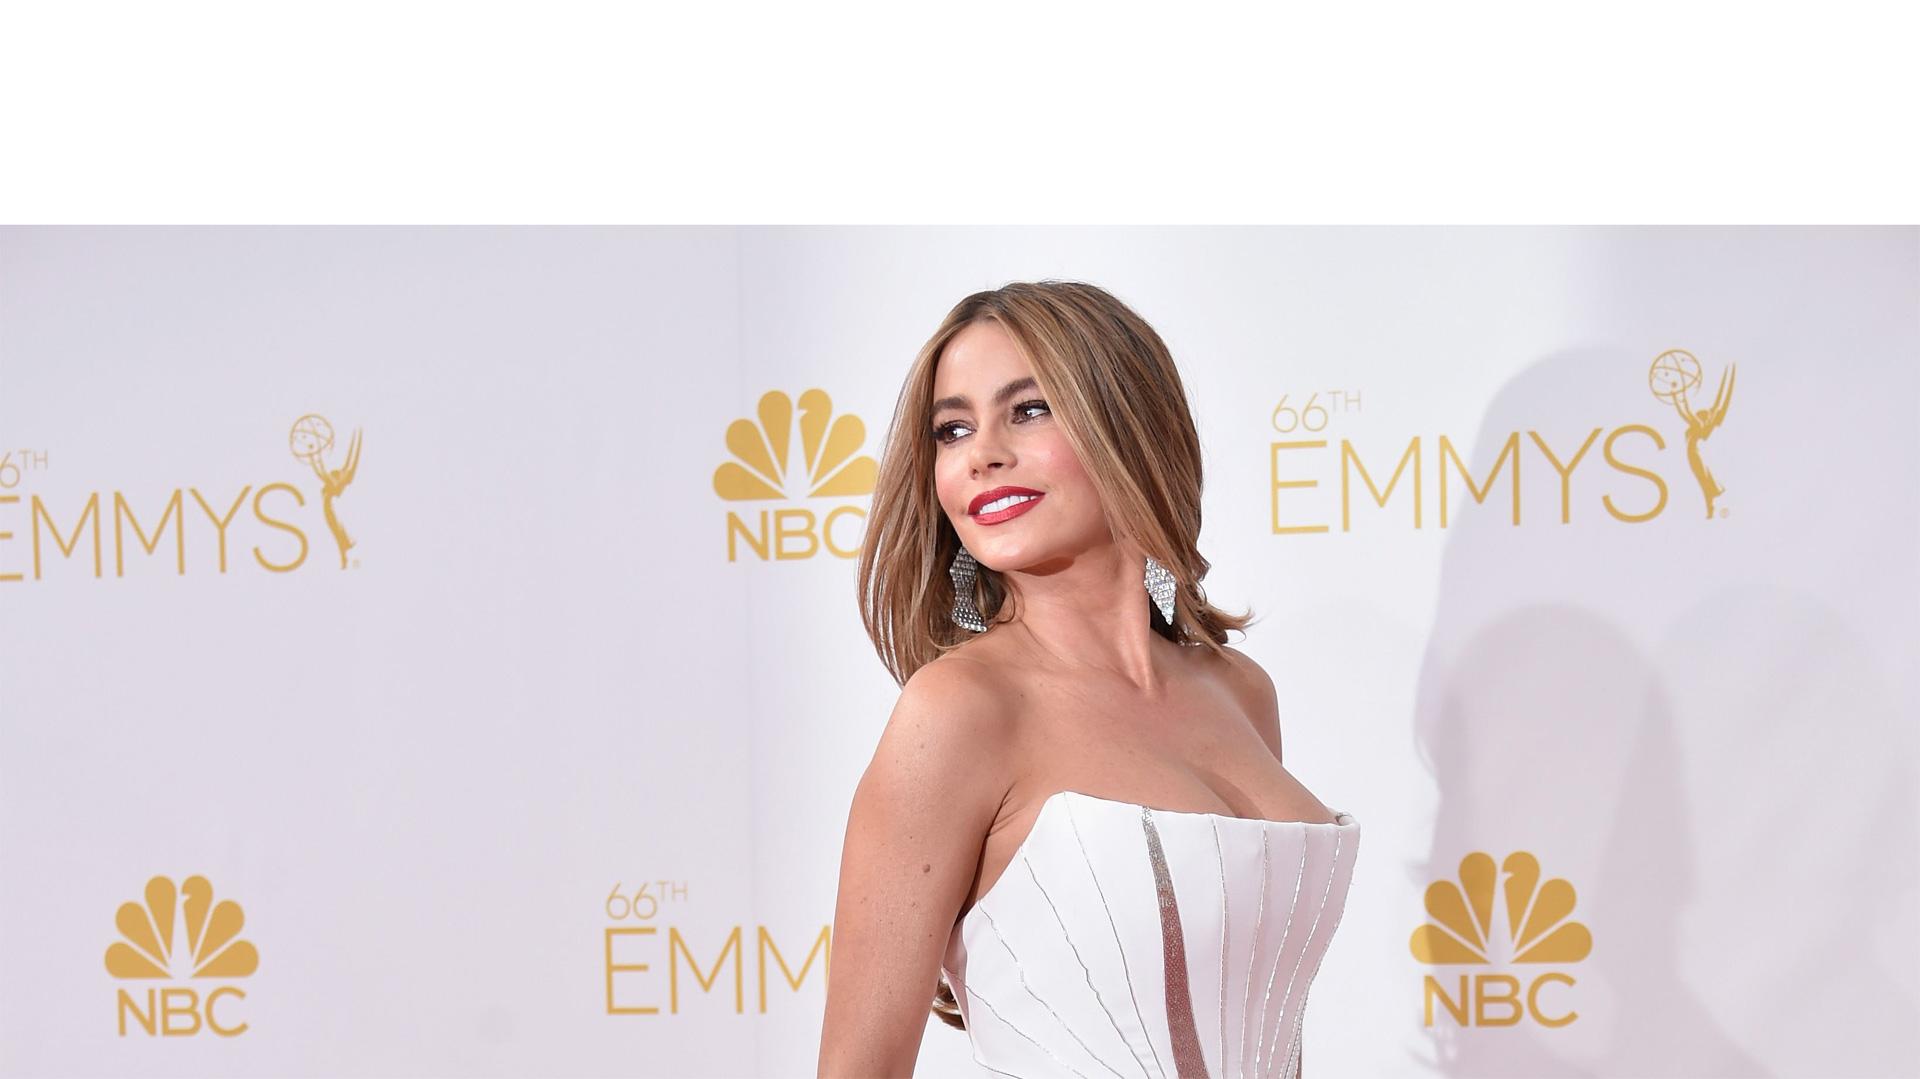 La actriz colombiana también reveló que su busto es natural y habló sobre la diversidad en Hollywood en una entrevista para The EDIT